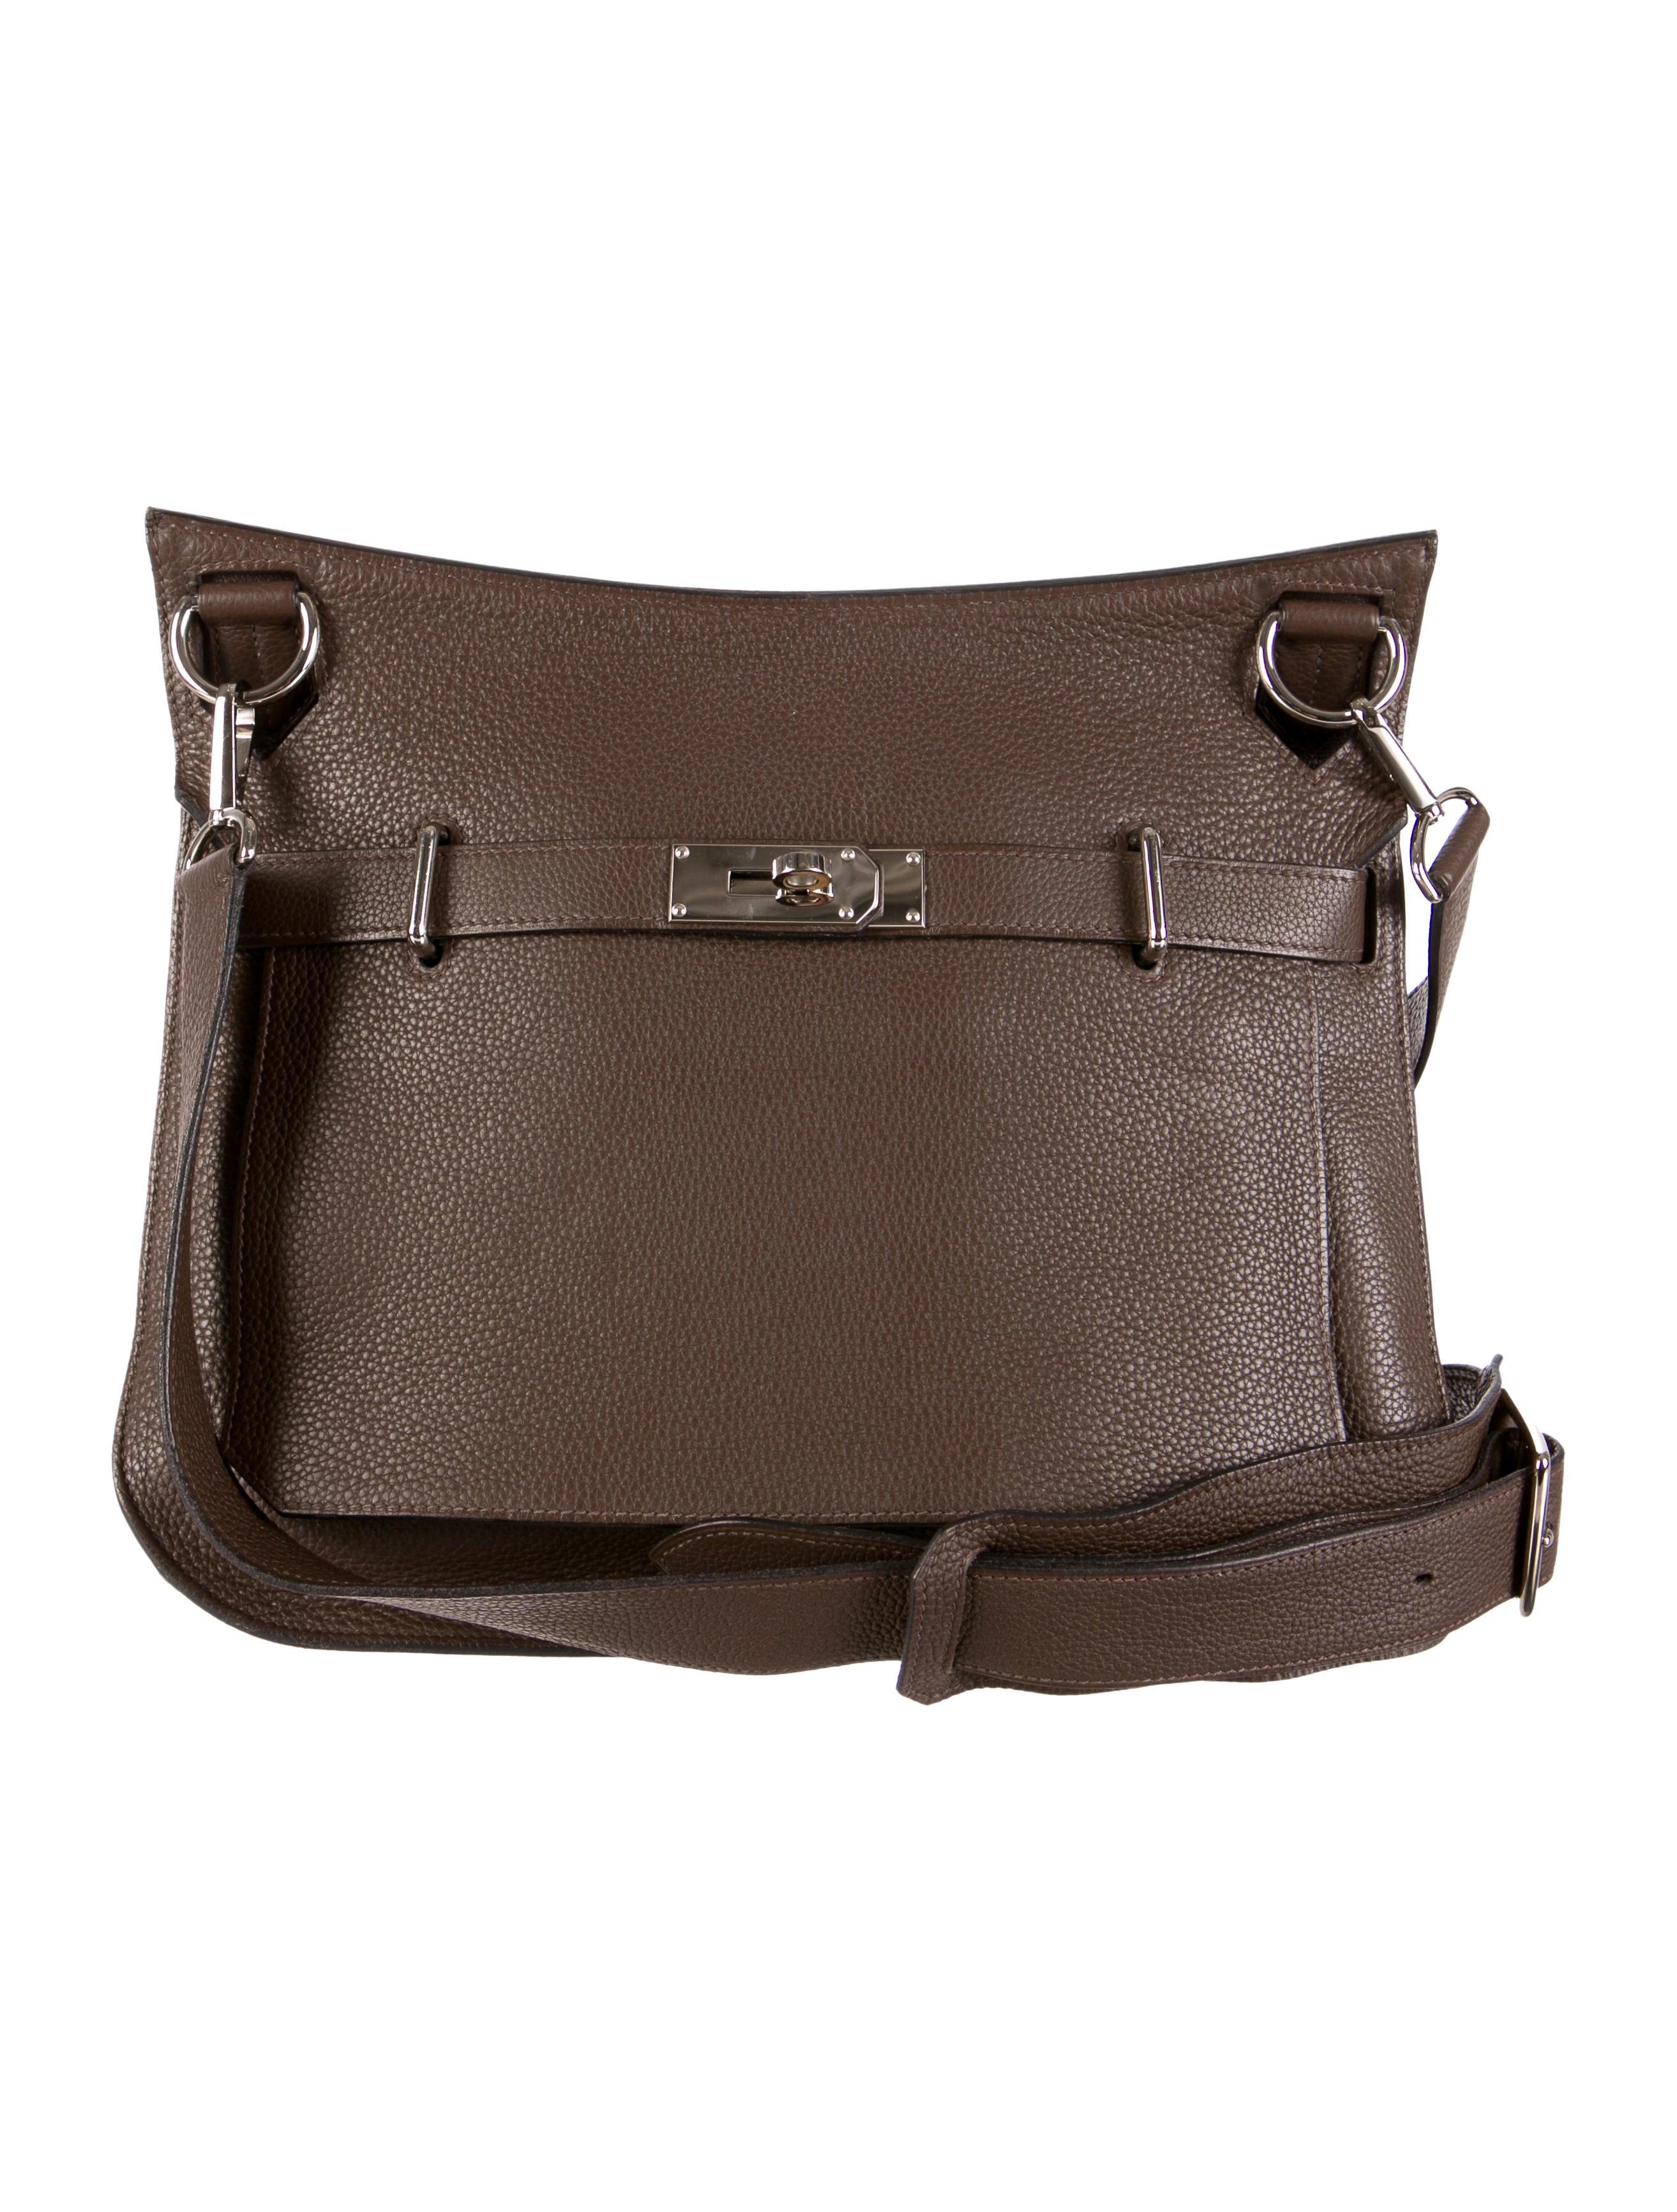 Hermès Jypsiere 34 - Handbags - HER51125  b86054b1dd